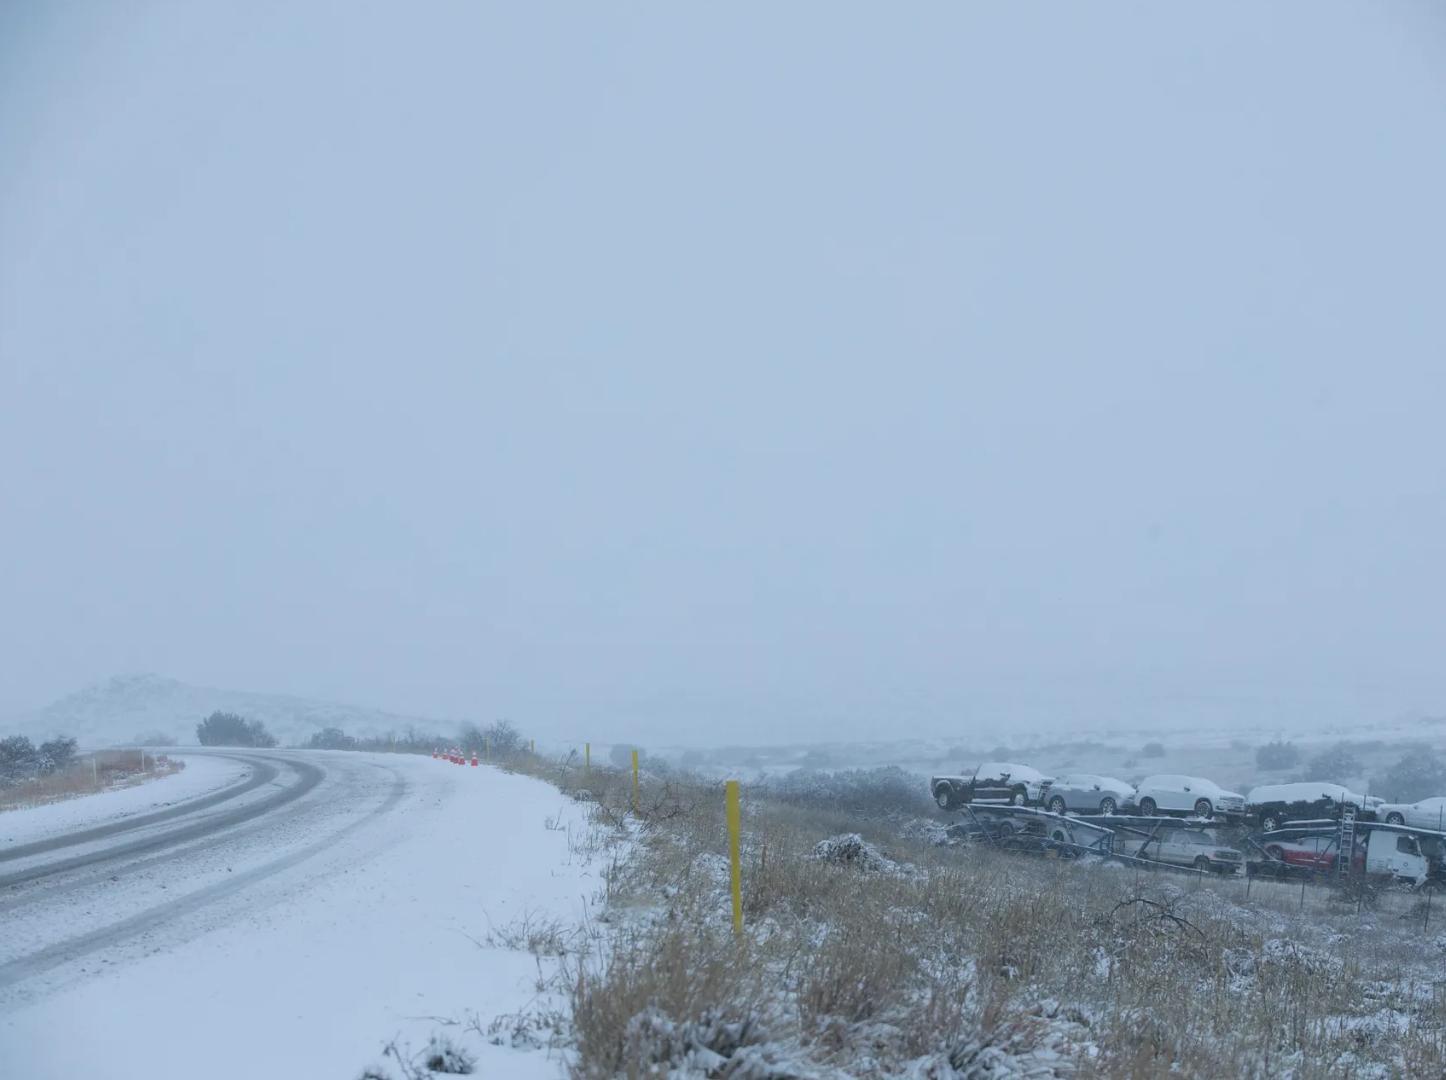 Nevada azota la carretera interestatal 17, cerca de la Ruta Estatal 169 hacia el norte de Phoenix el 21 de febrero del 2019.